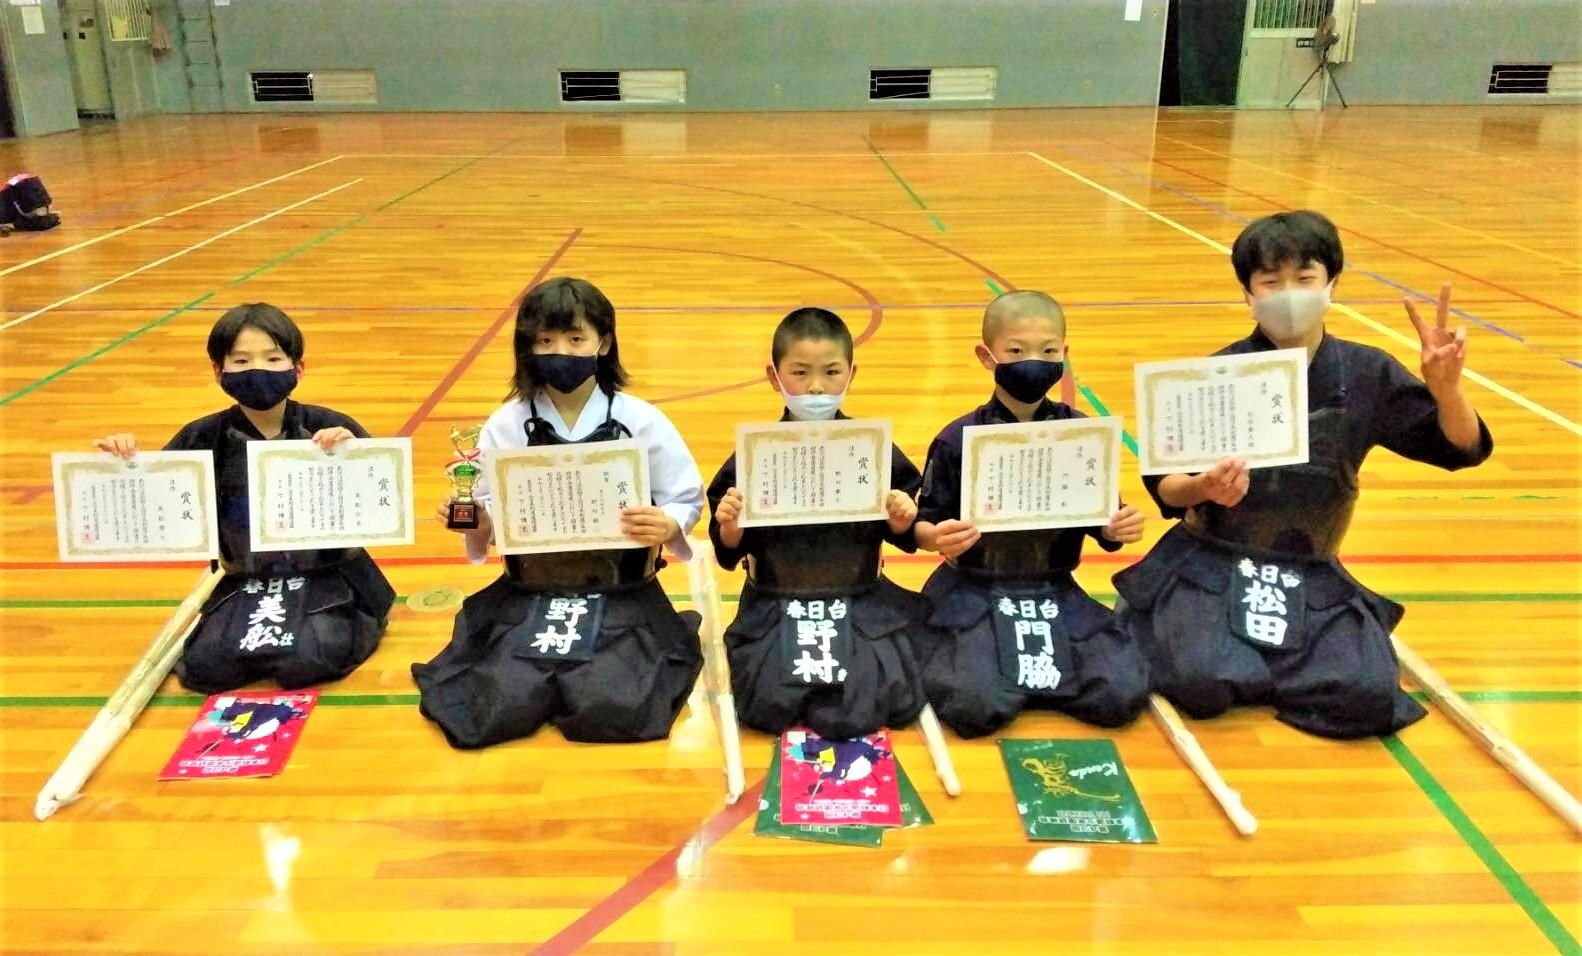 第43回 日本剣道少年団研修会 書道展に参加しました。